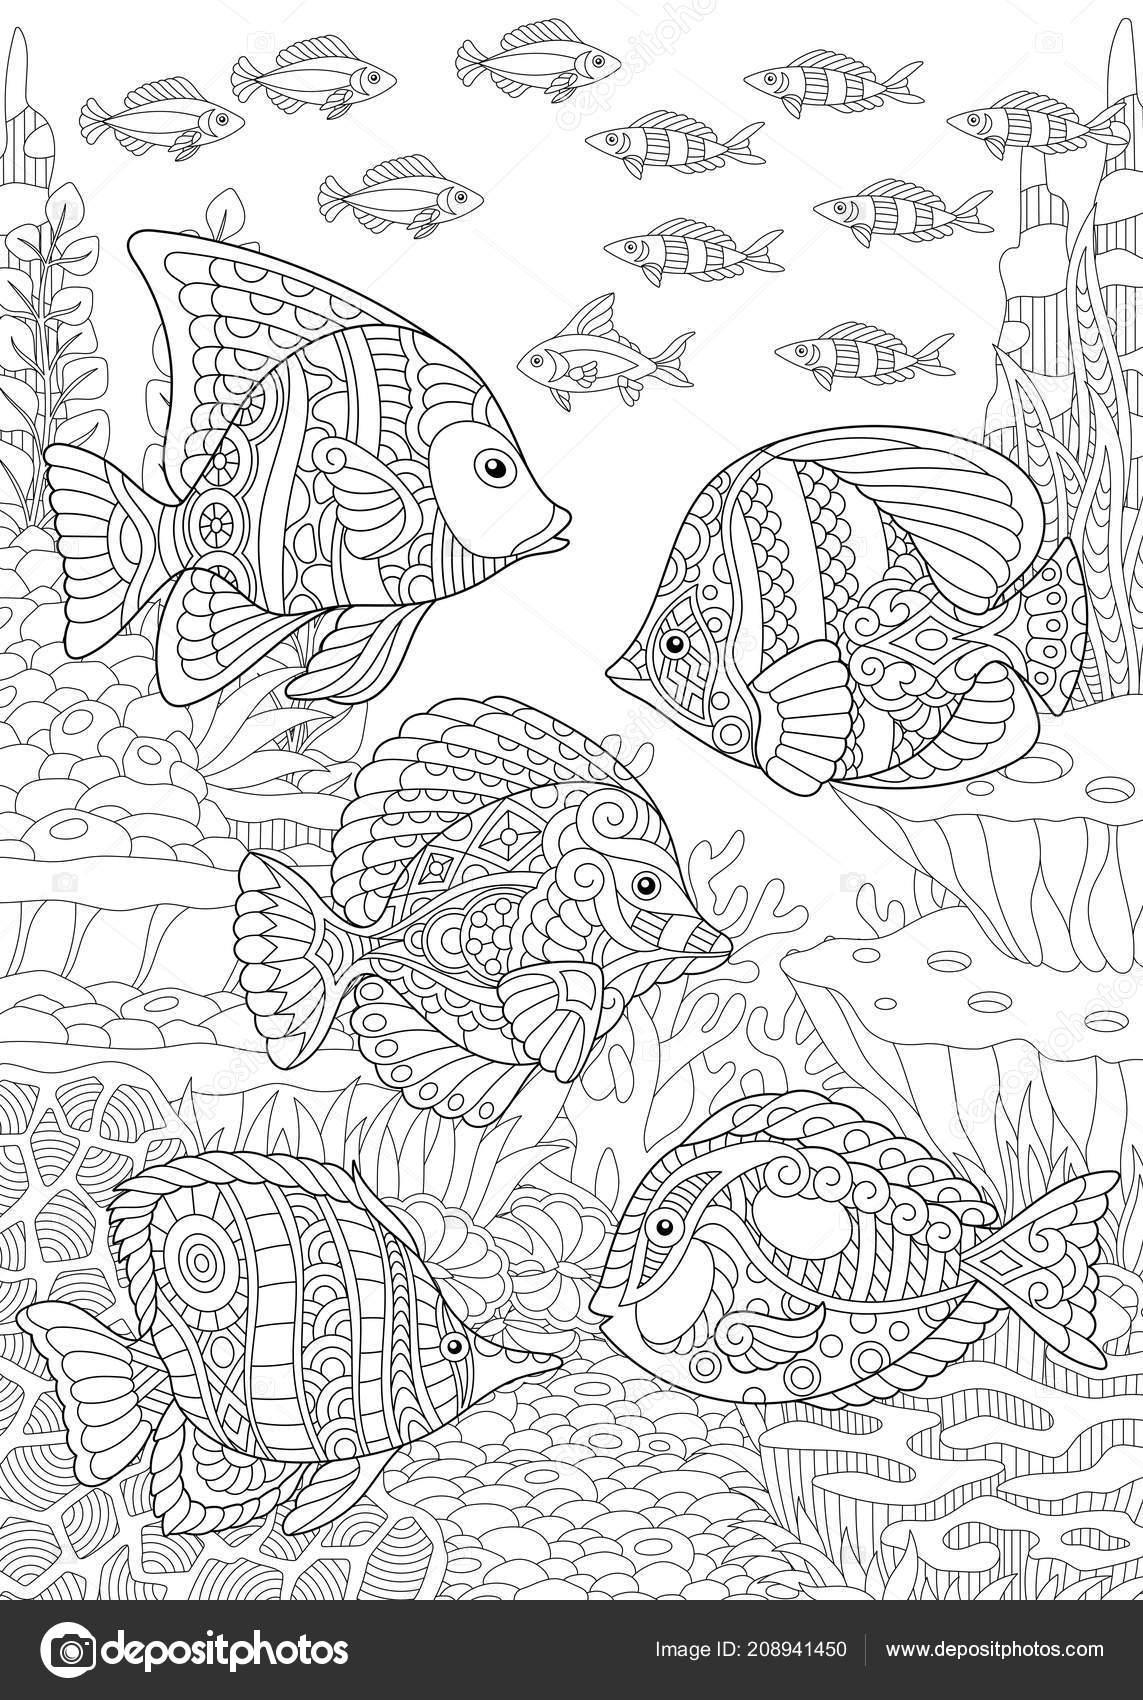 Kleurplaat Kleurboek Kleuren Foto Met Tropische Vissen Stressprogramma Freehand Schets Vectorafbeelding Door C Sybirko Vectorstock 208941450